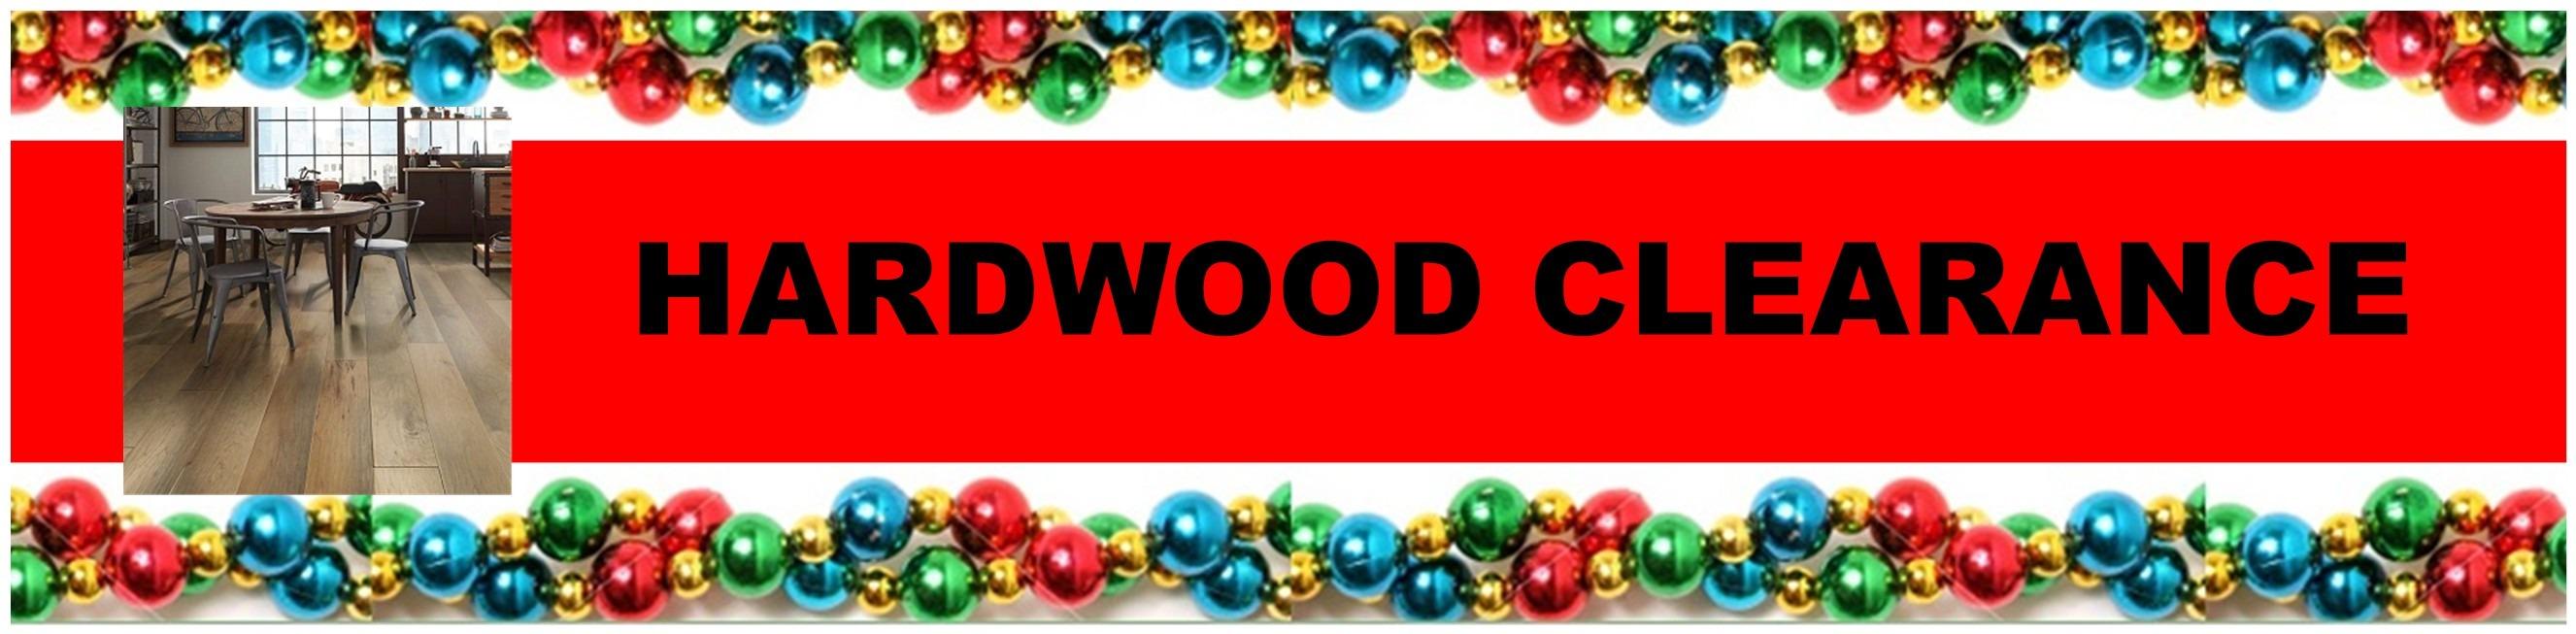 CHRISTMAS HARDWOOD CLEARANCE HEADER